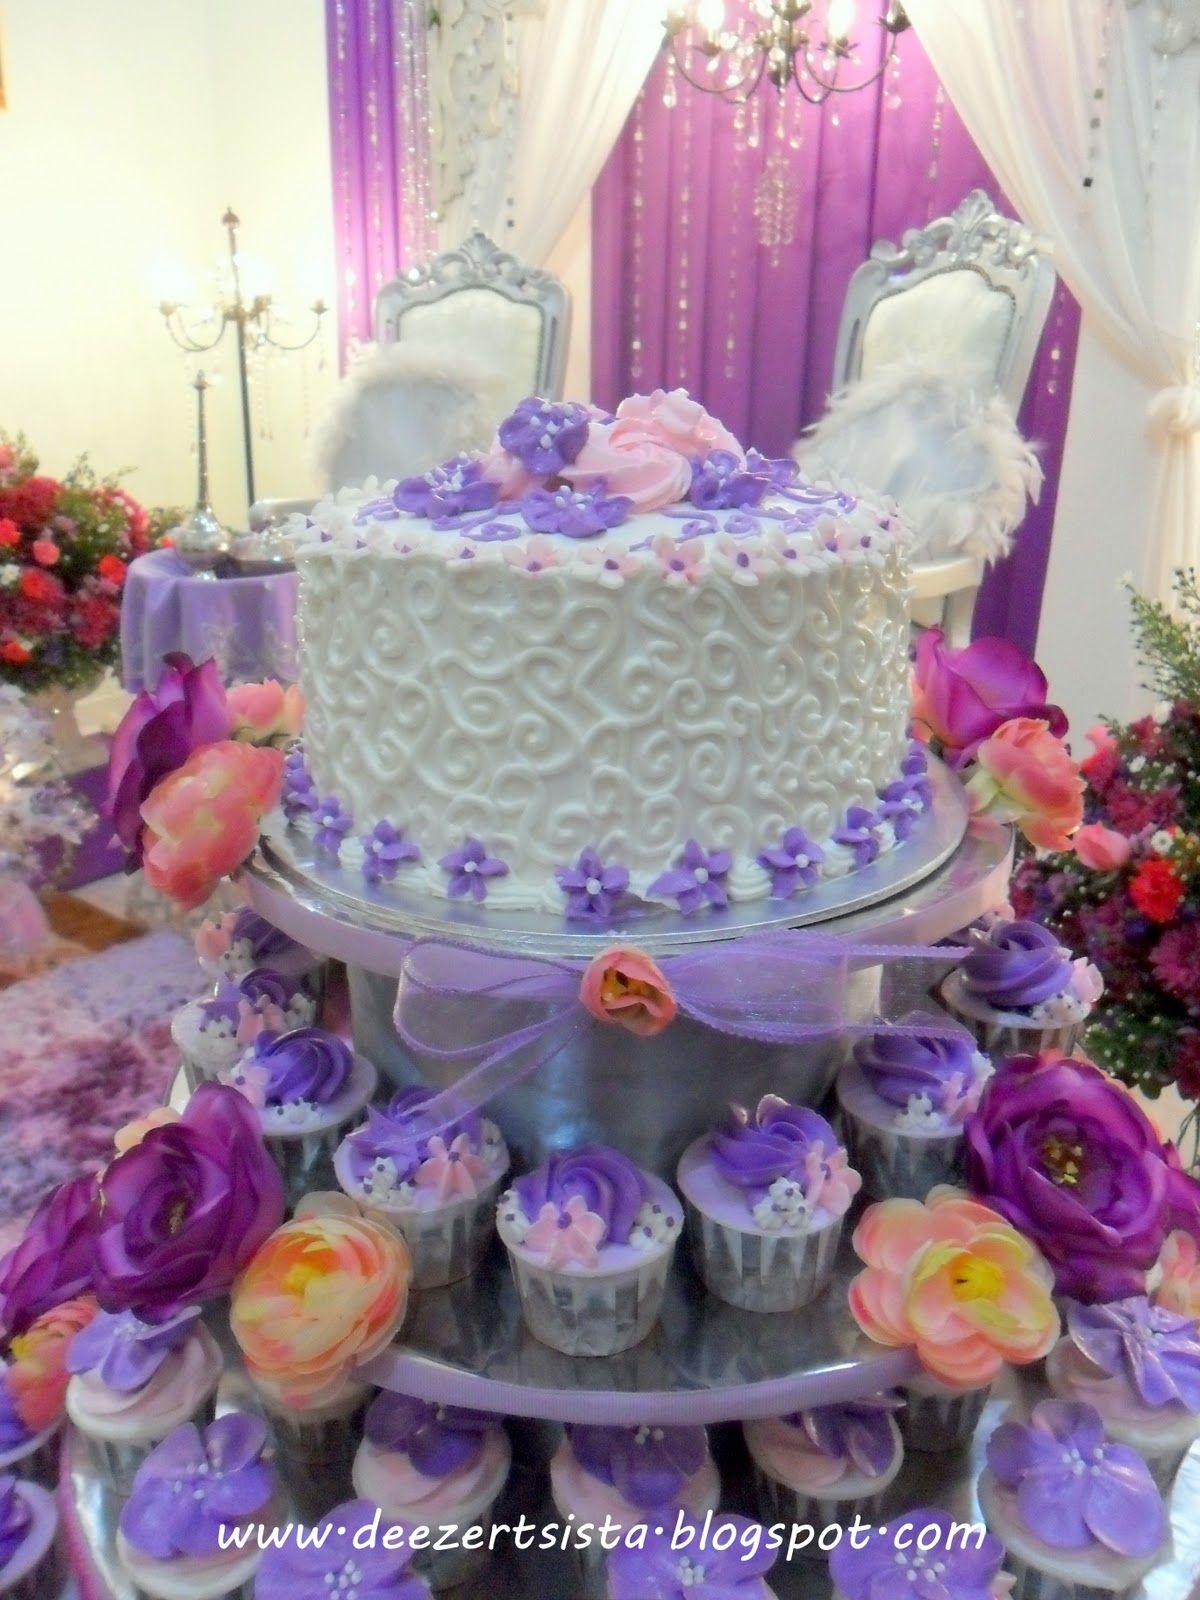 sams club cupcakes Sams Club Birtday Cakes Cake Boss sams club